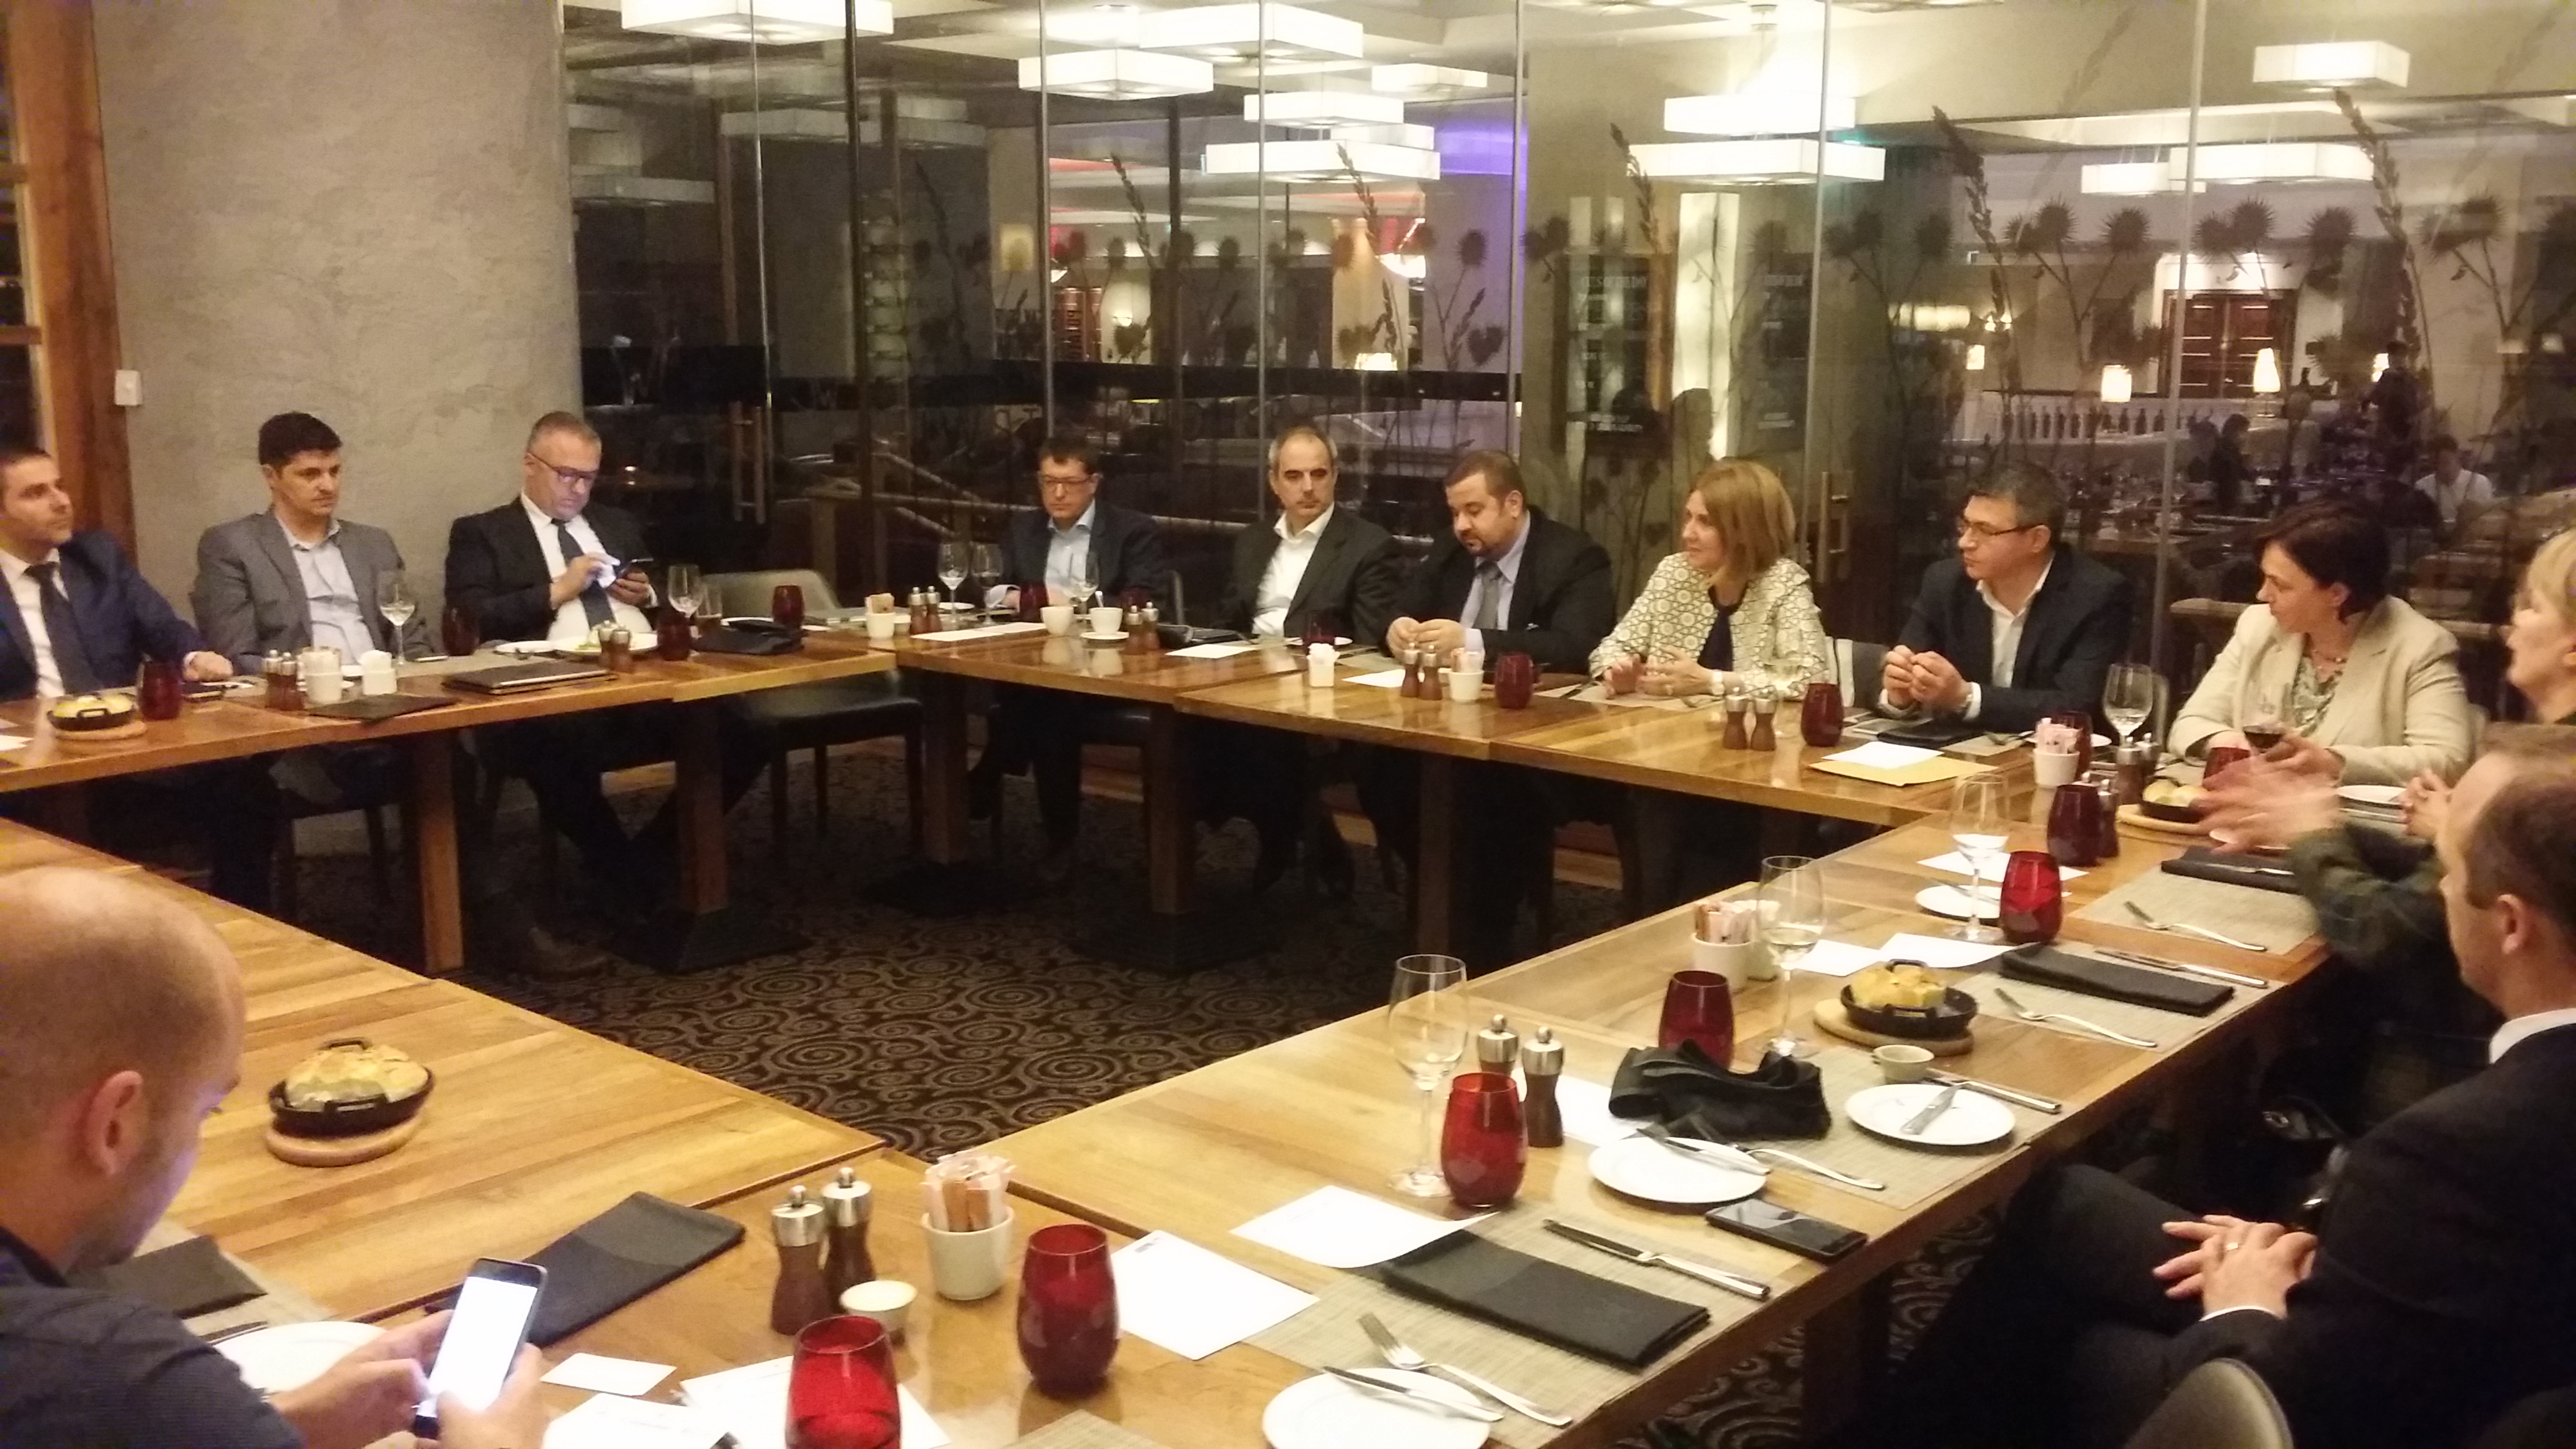 Membrii comunităţii Farma Marketing s-au întâlnit în dezbaterea lunară tradiţională